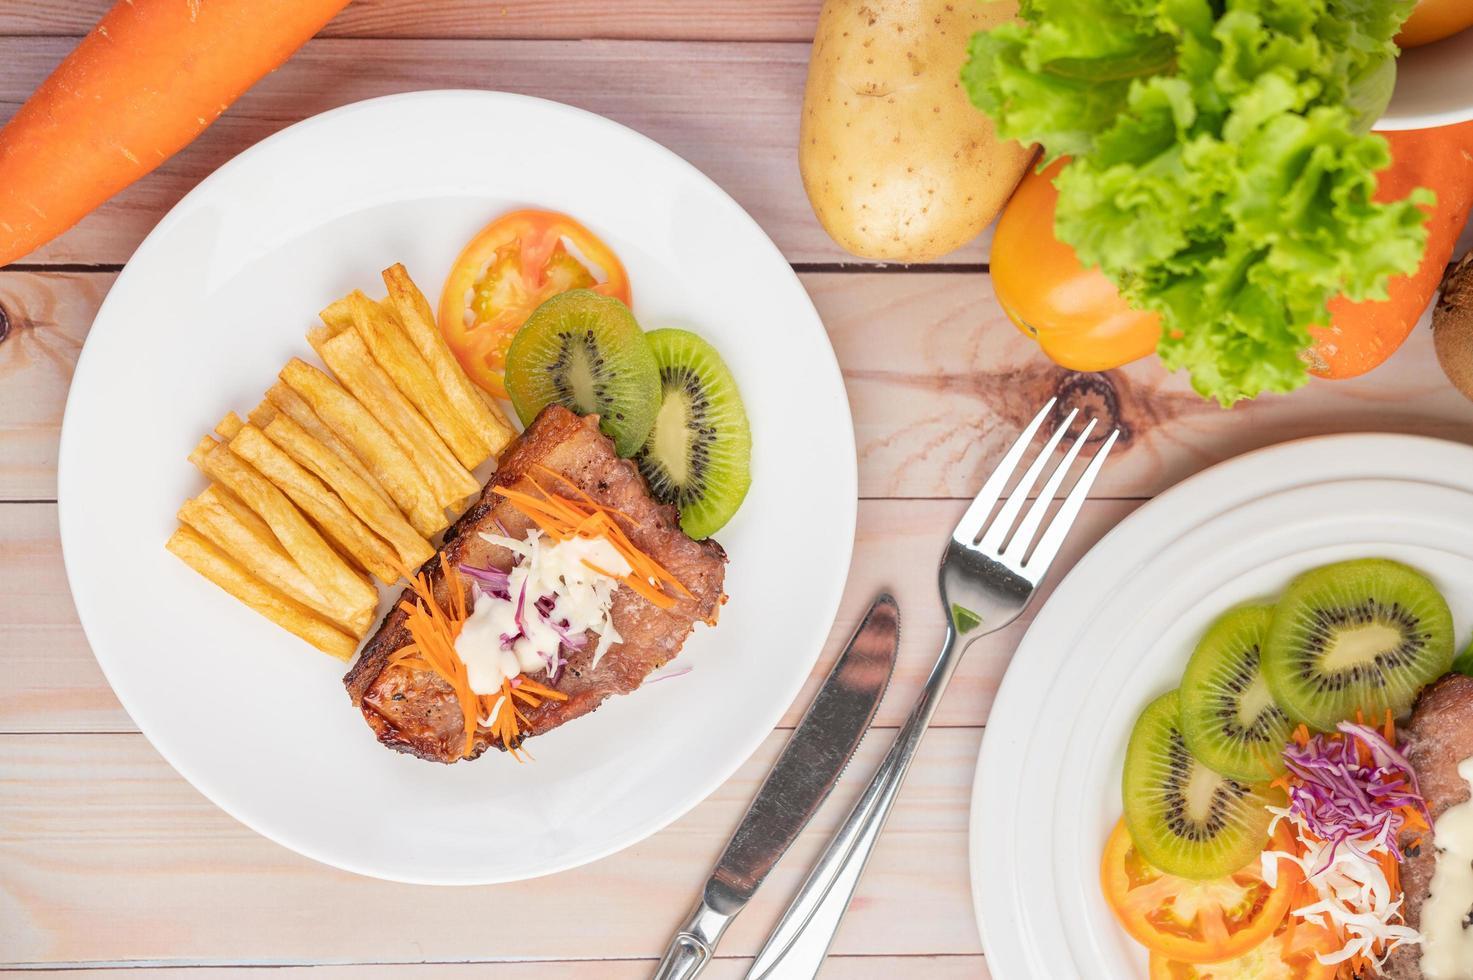 visbiefstuk met frietjes, fruit en groenten foto